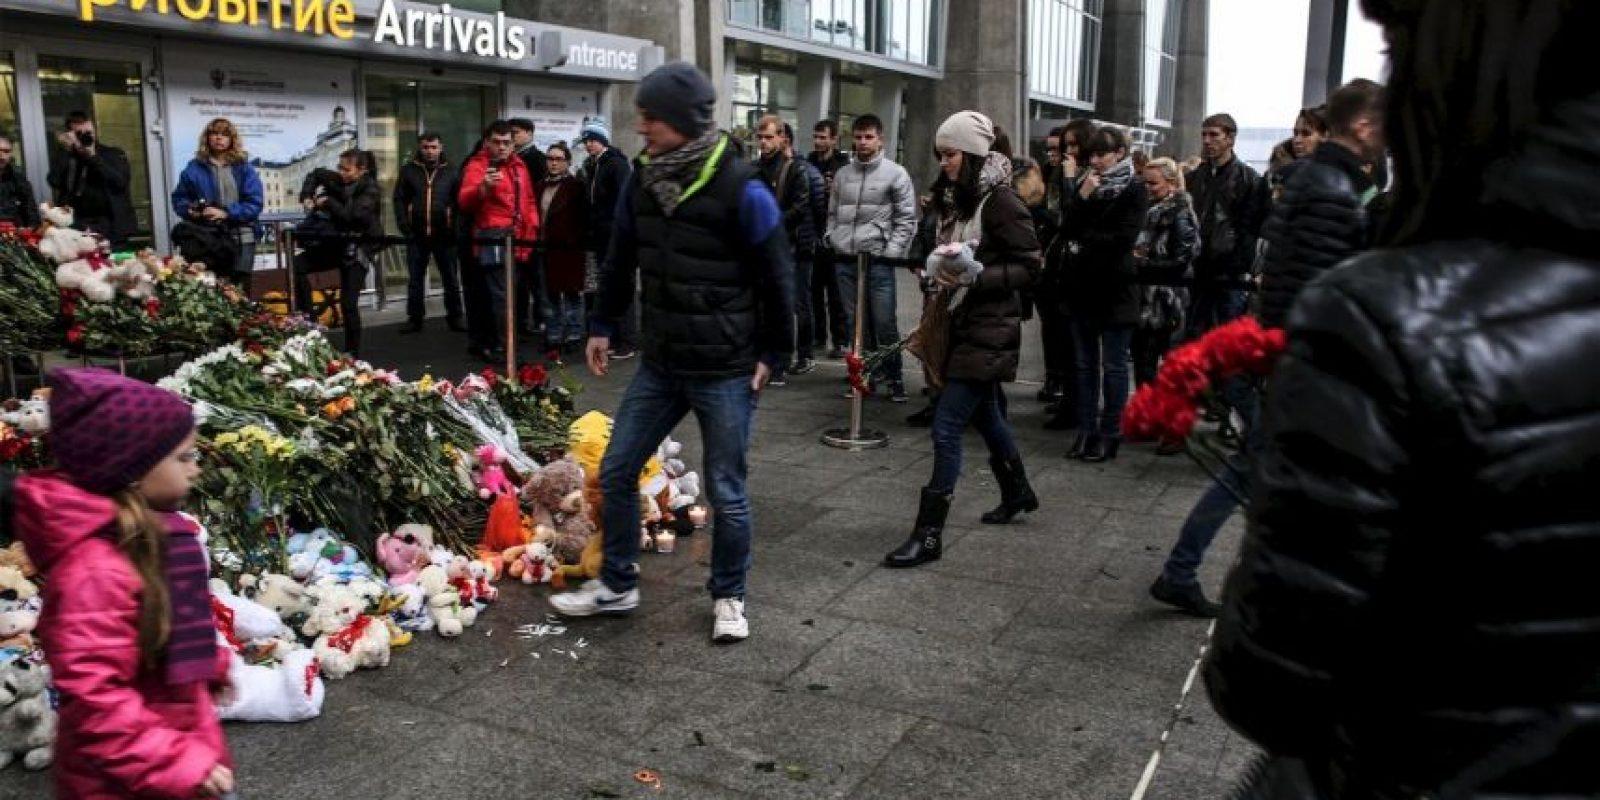 El avión tenía 18 años al momento de su accidente Foto:Getty Images